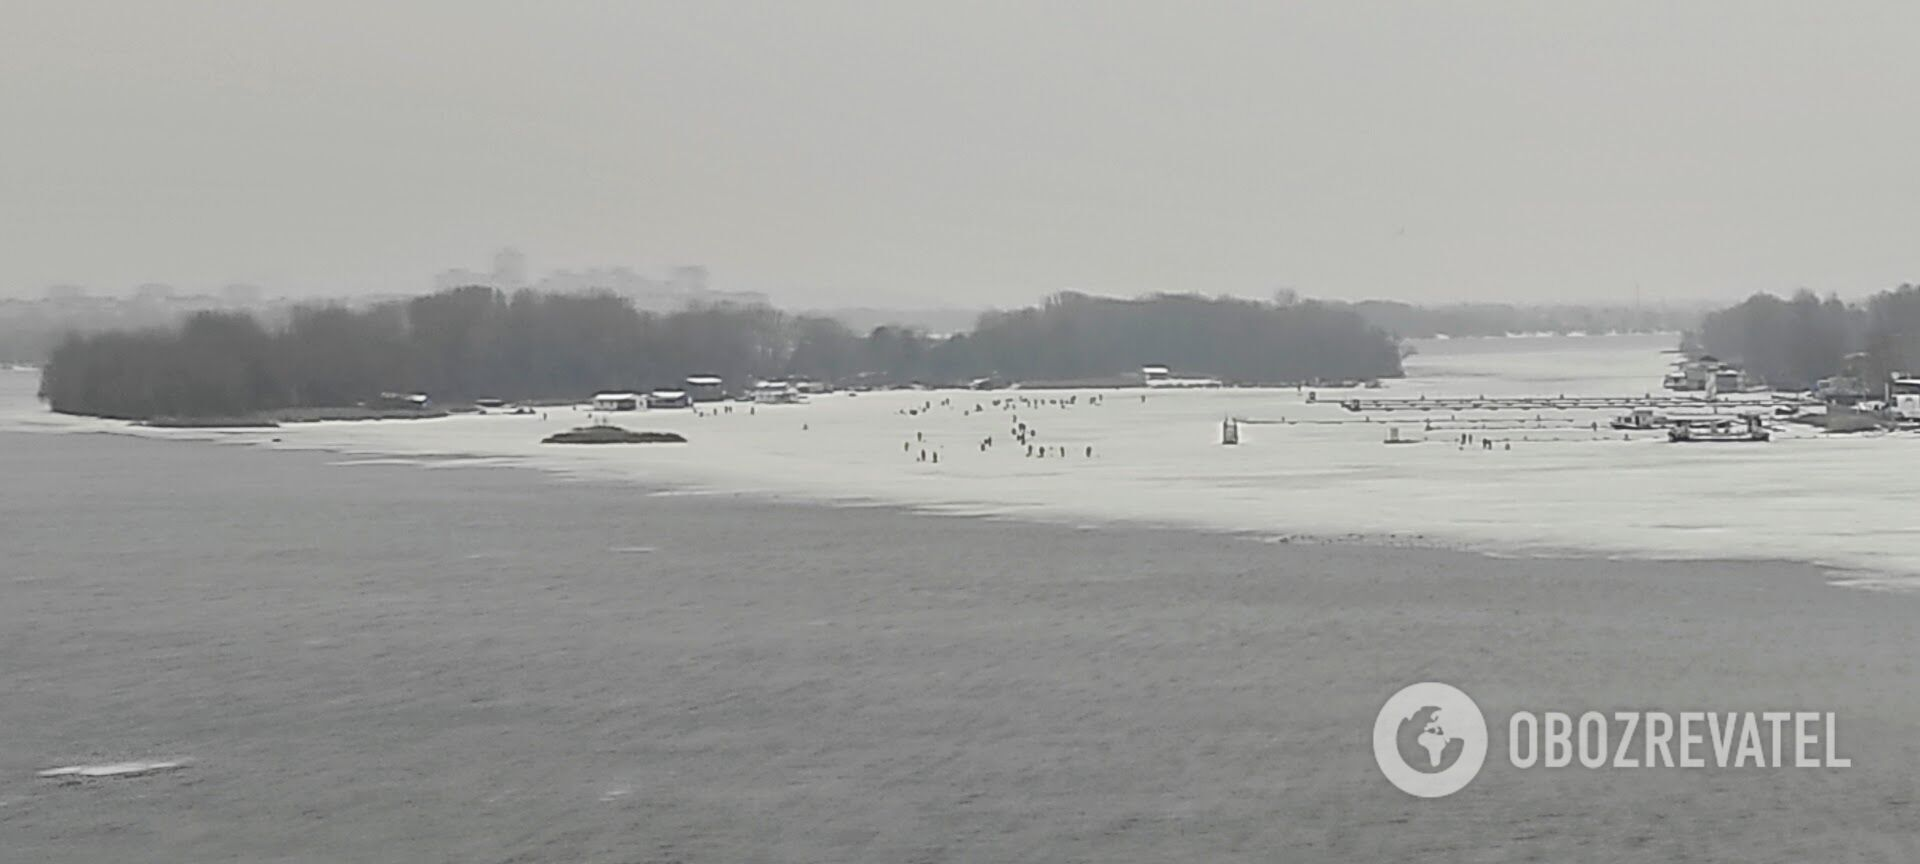 Несмотря на потепление, десятки людей выходят на лед